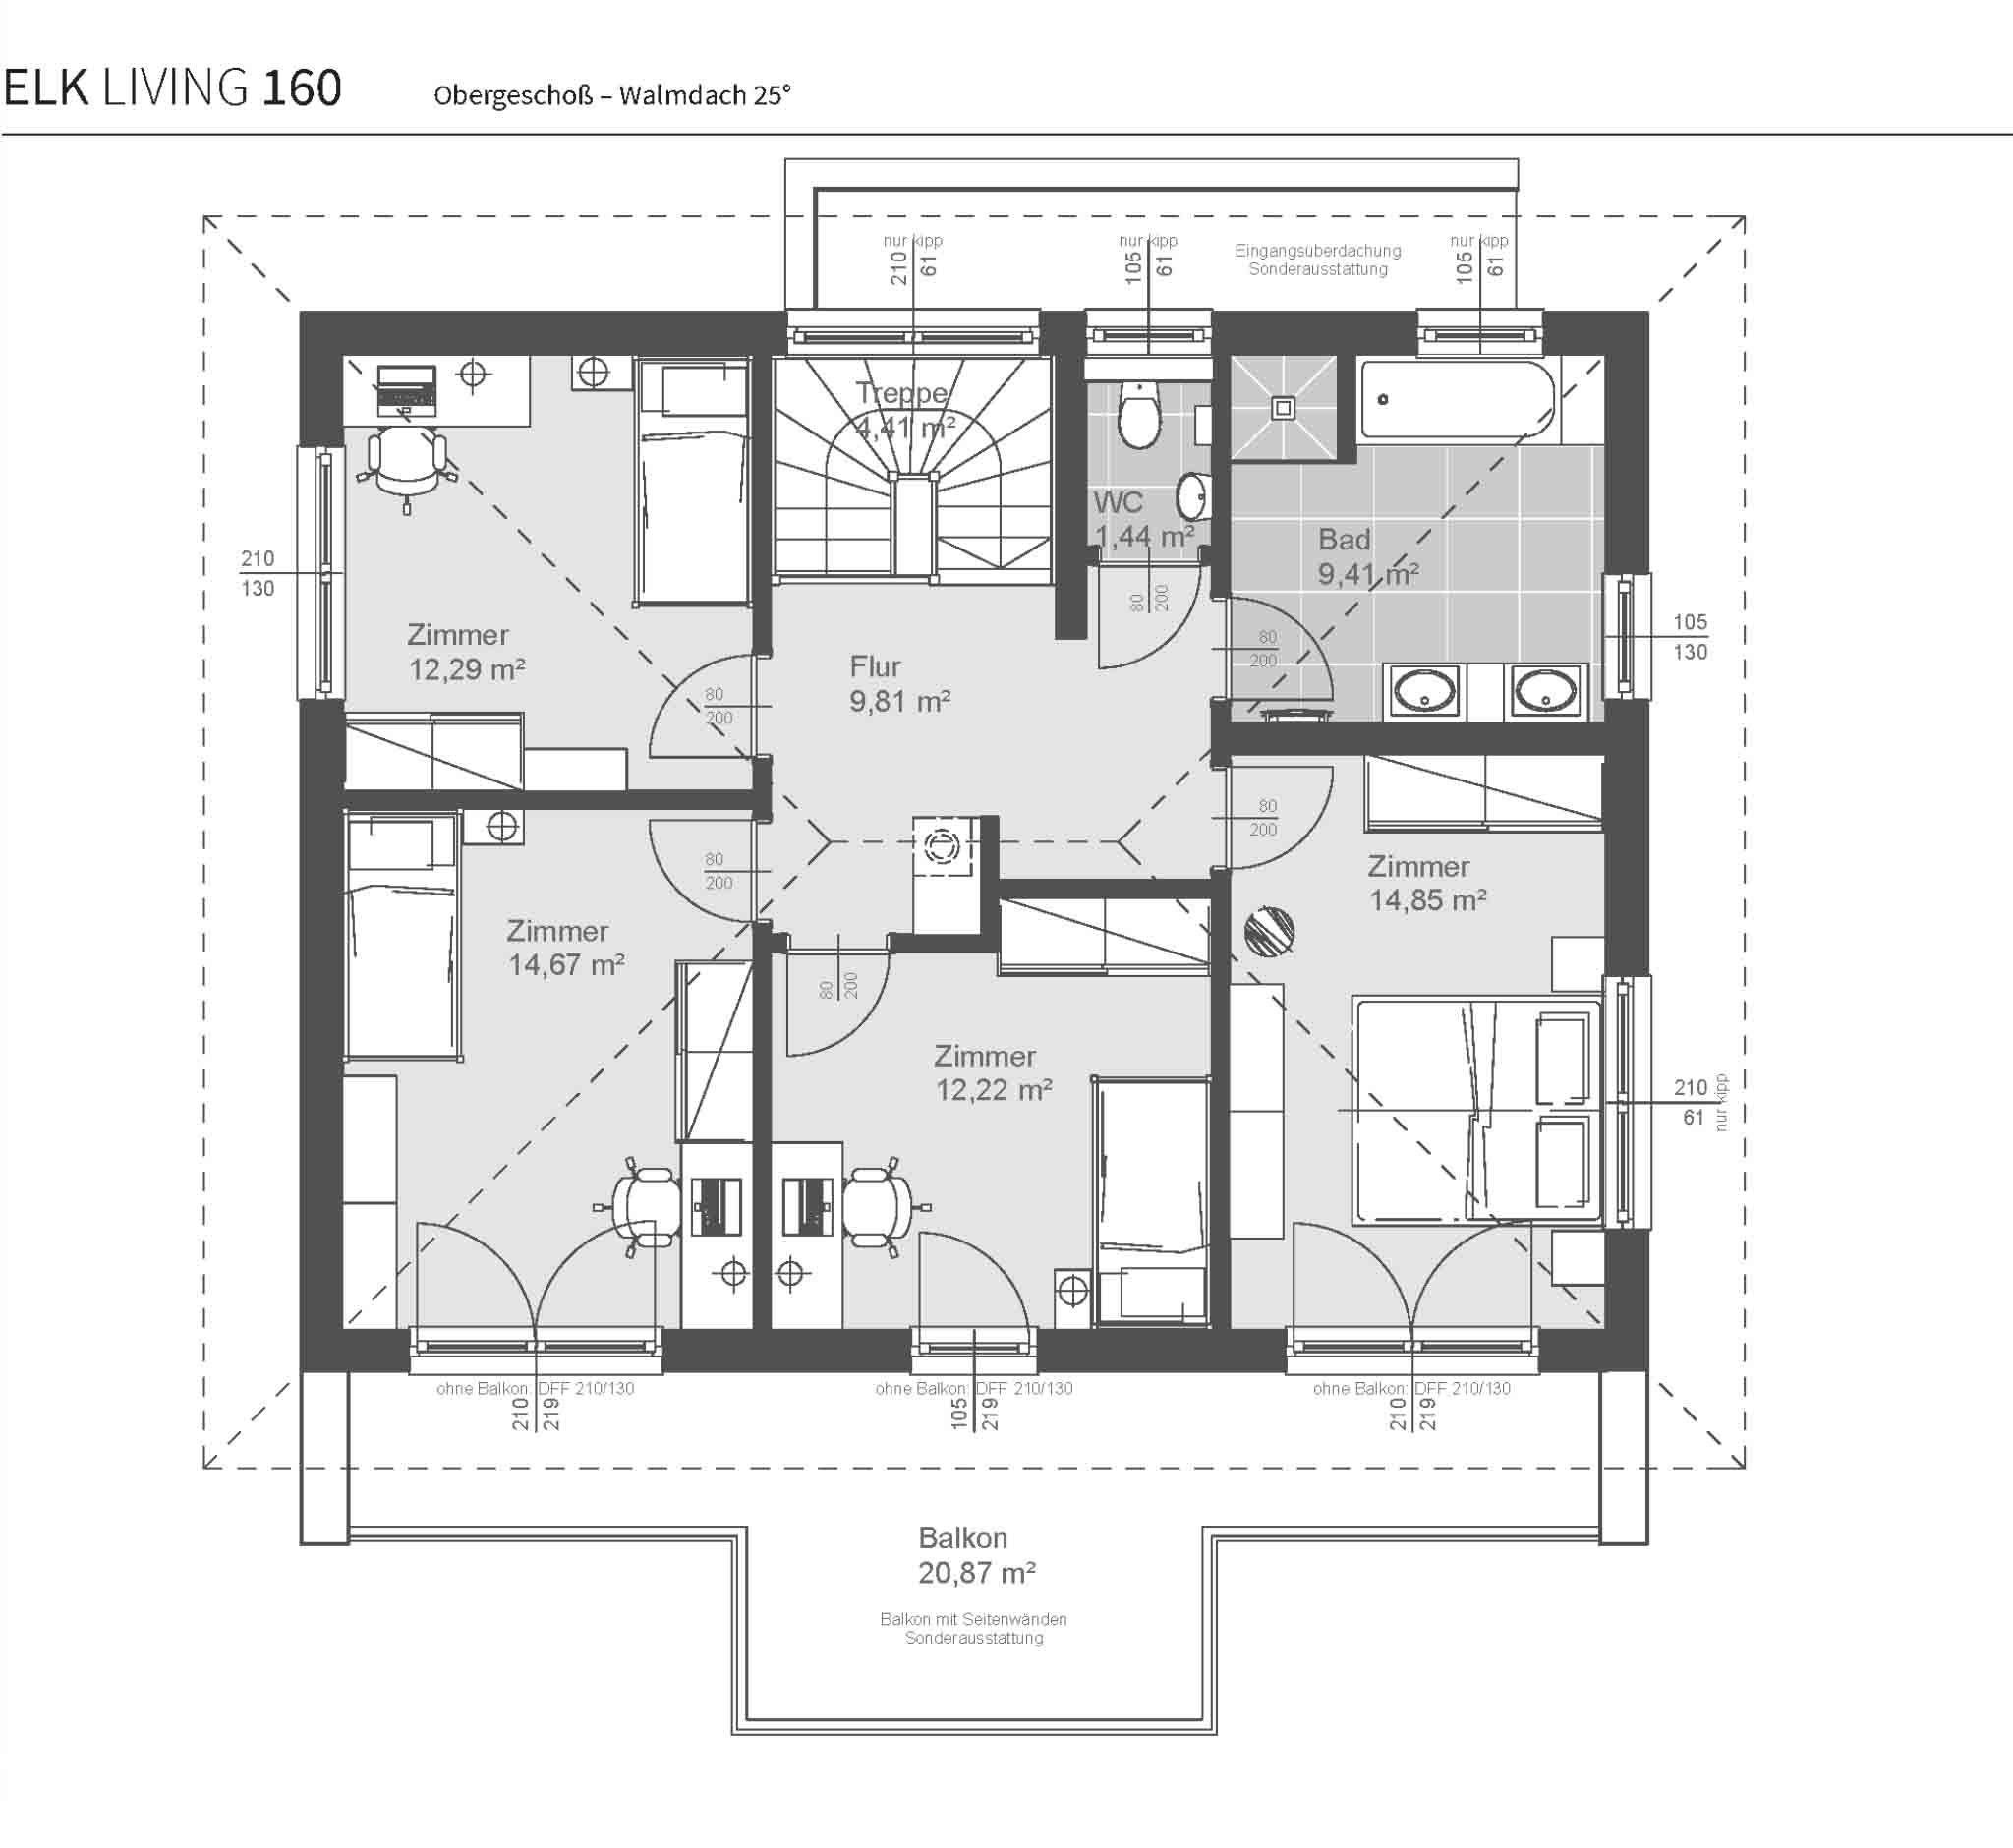 Der perfekte Grundriss als Basis für Ihr Haus ELK Living